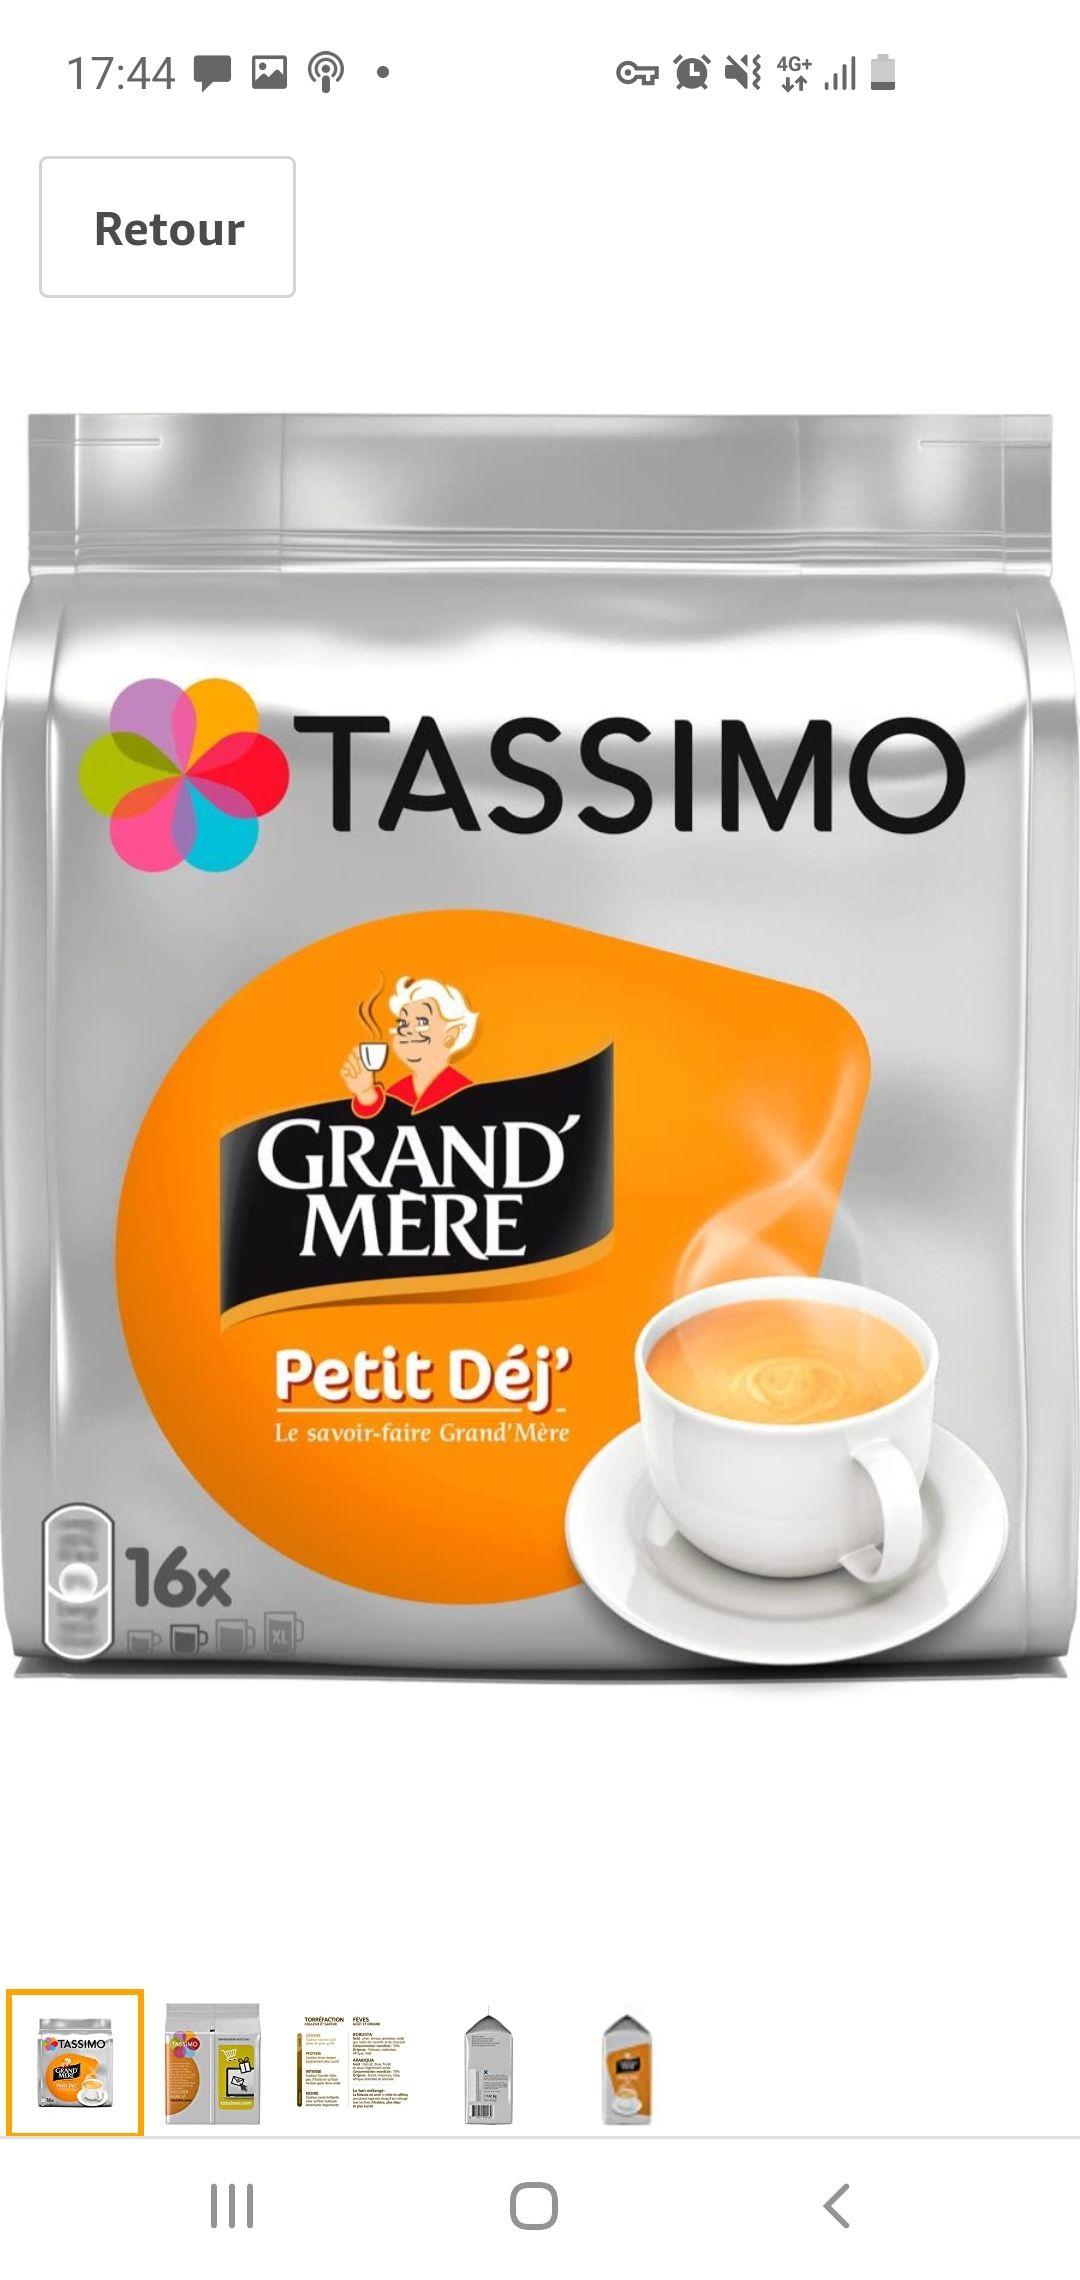 Lot de 5 Paquets de 16 Dosettes Tassimo Grand Mère Petit Déjeuner - 80 Boissons (lot de 5 x 16 boissons)